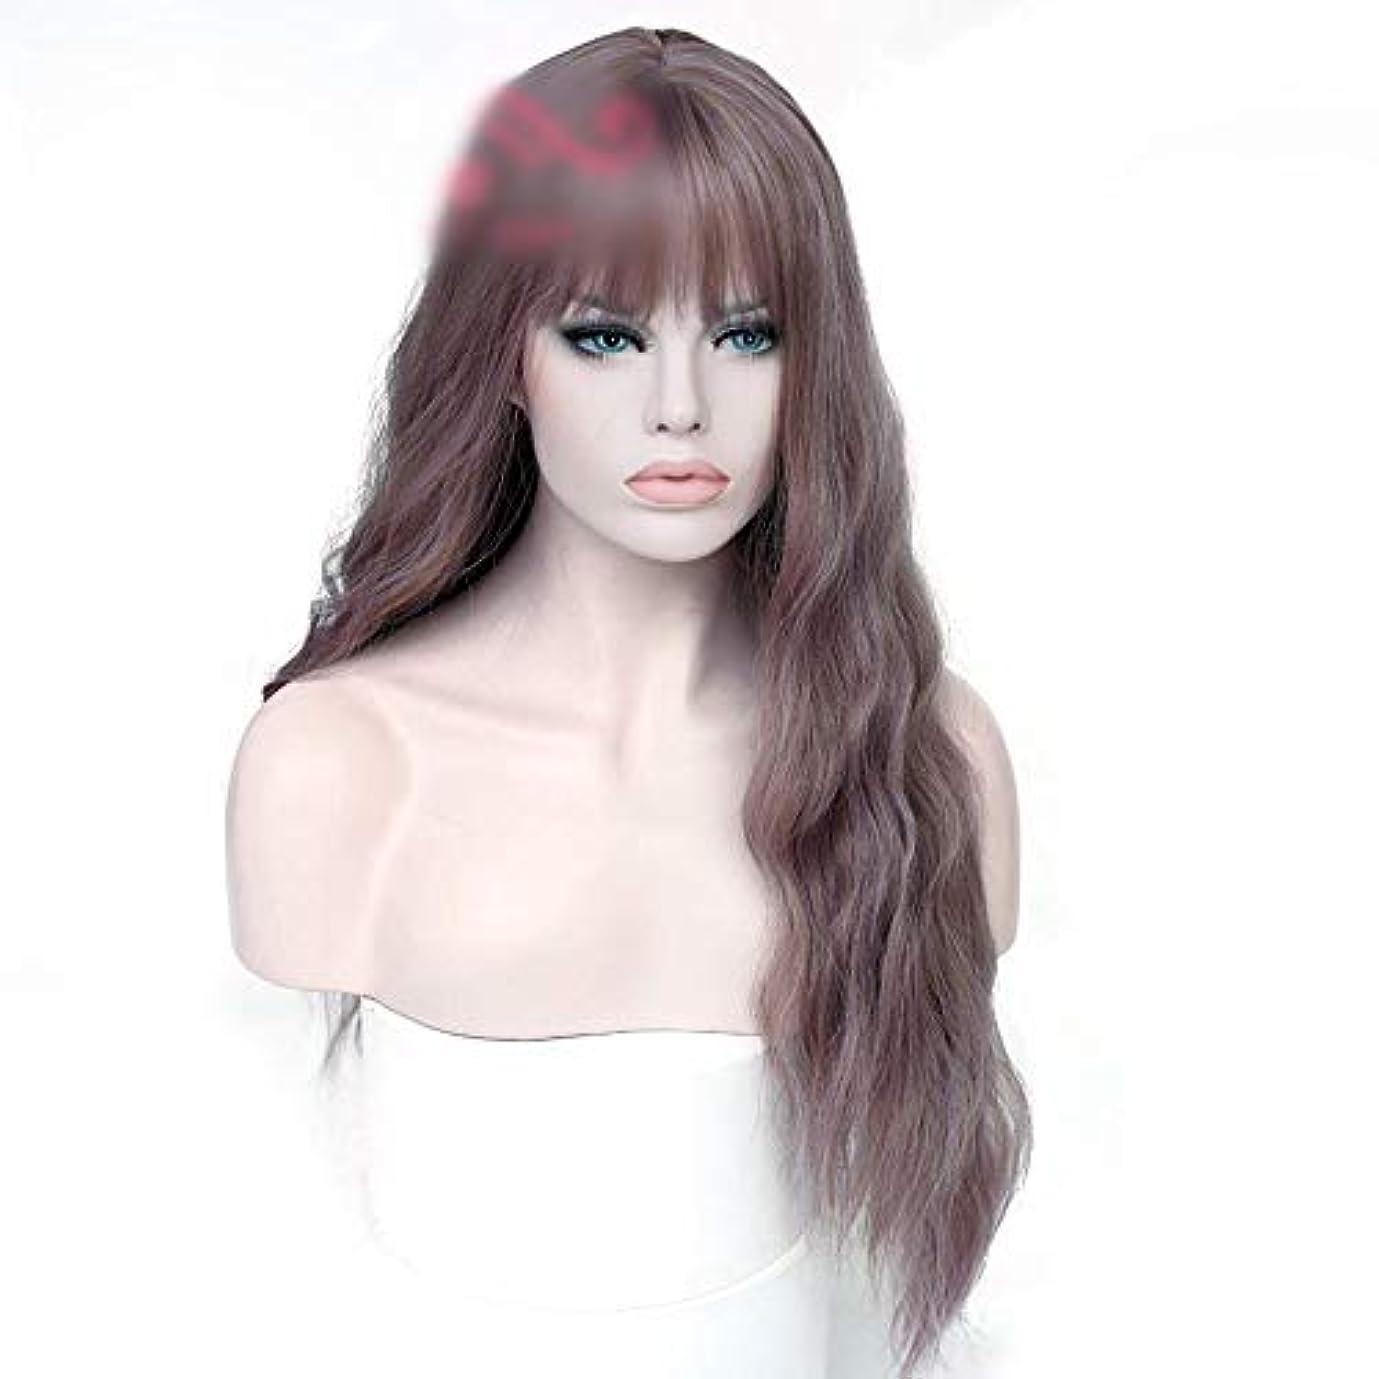 インレイクリーム疲労WASAIO 毎日のヘアバンの女性の長い巻き毛 (色 : Photo color)